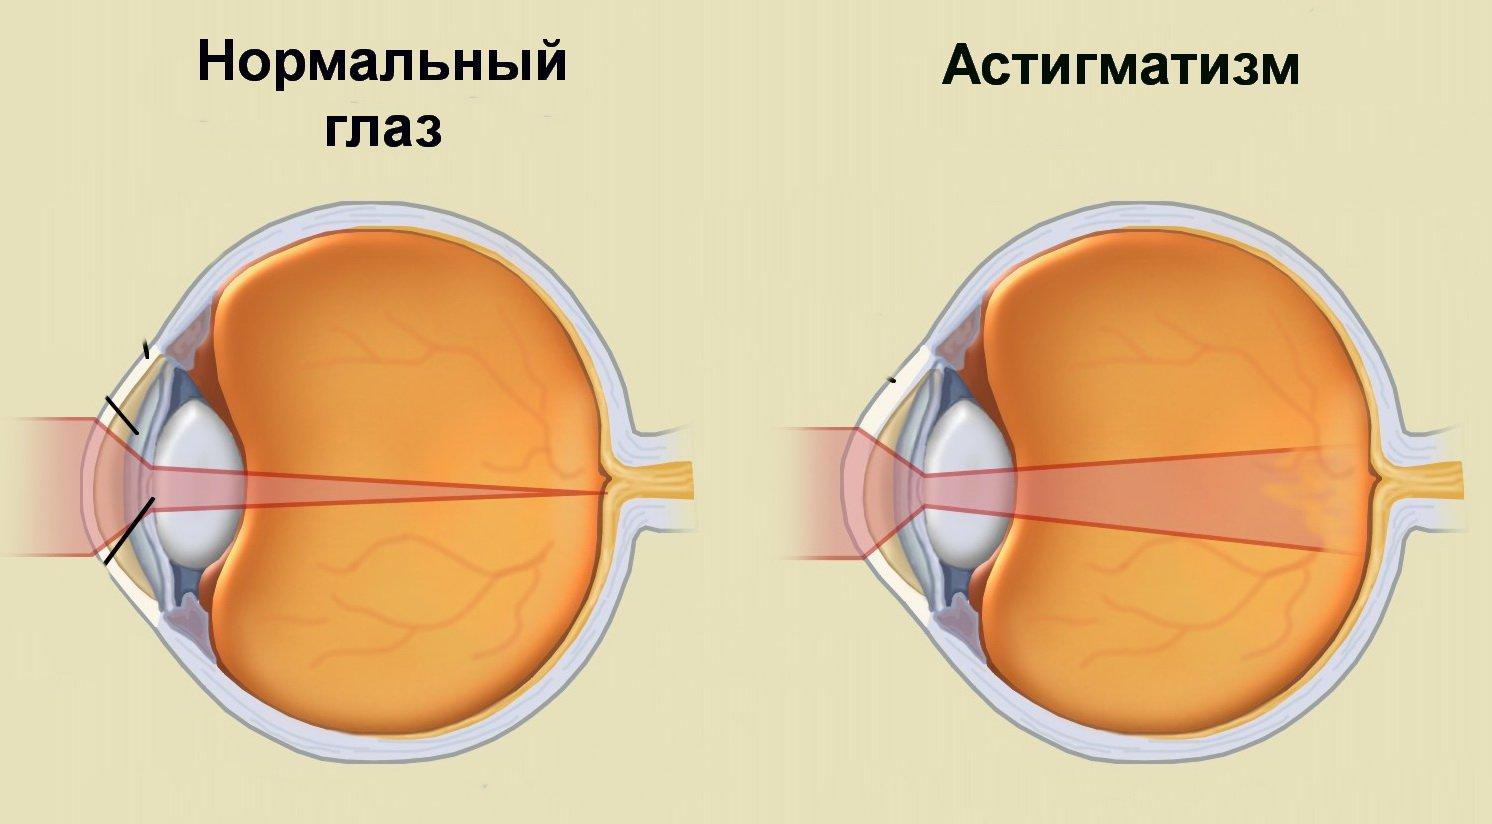 szemészeti adagolási formák alkaloidokkal